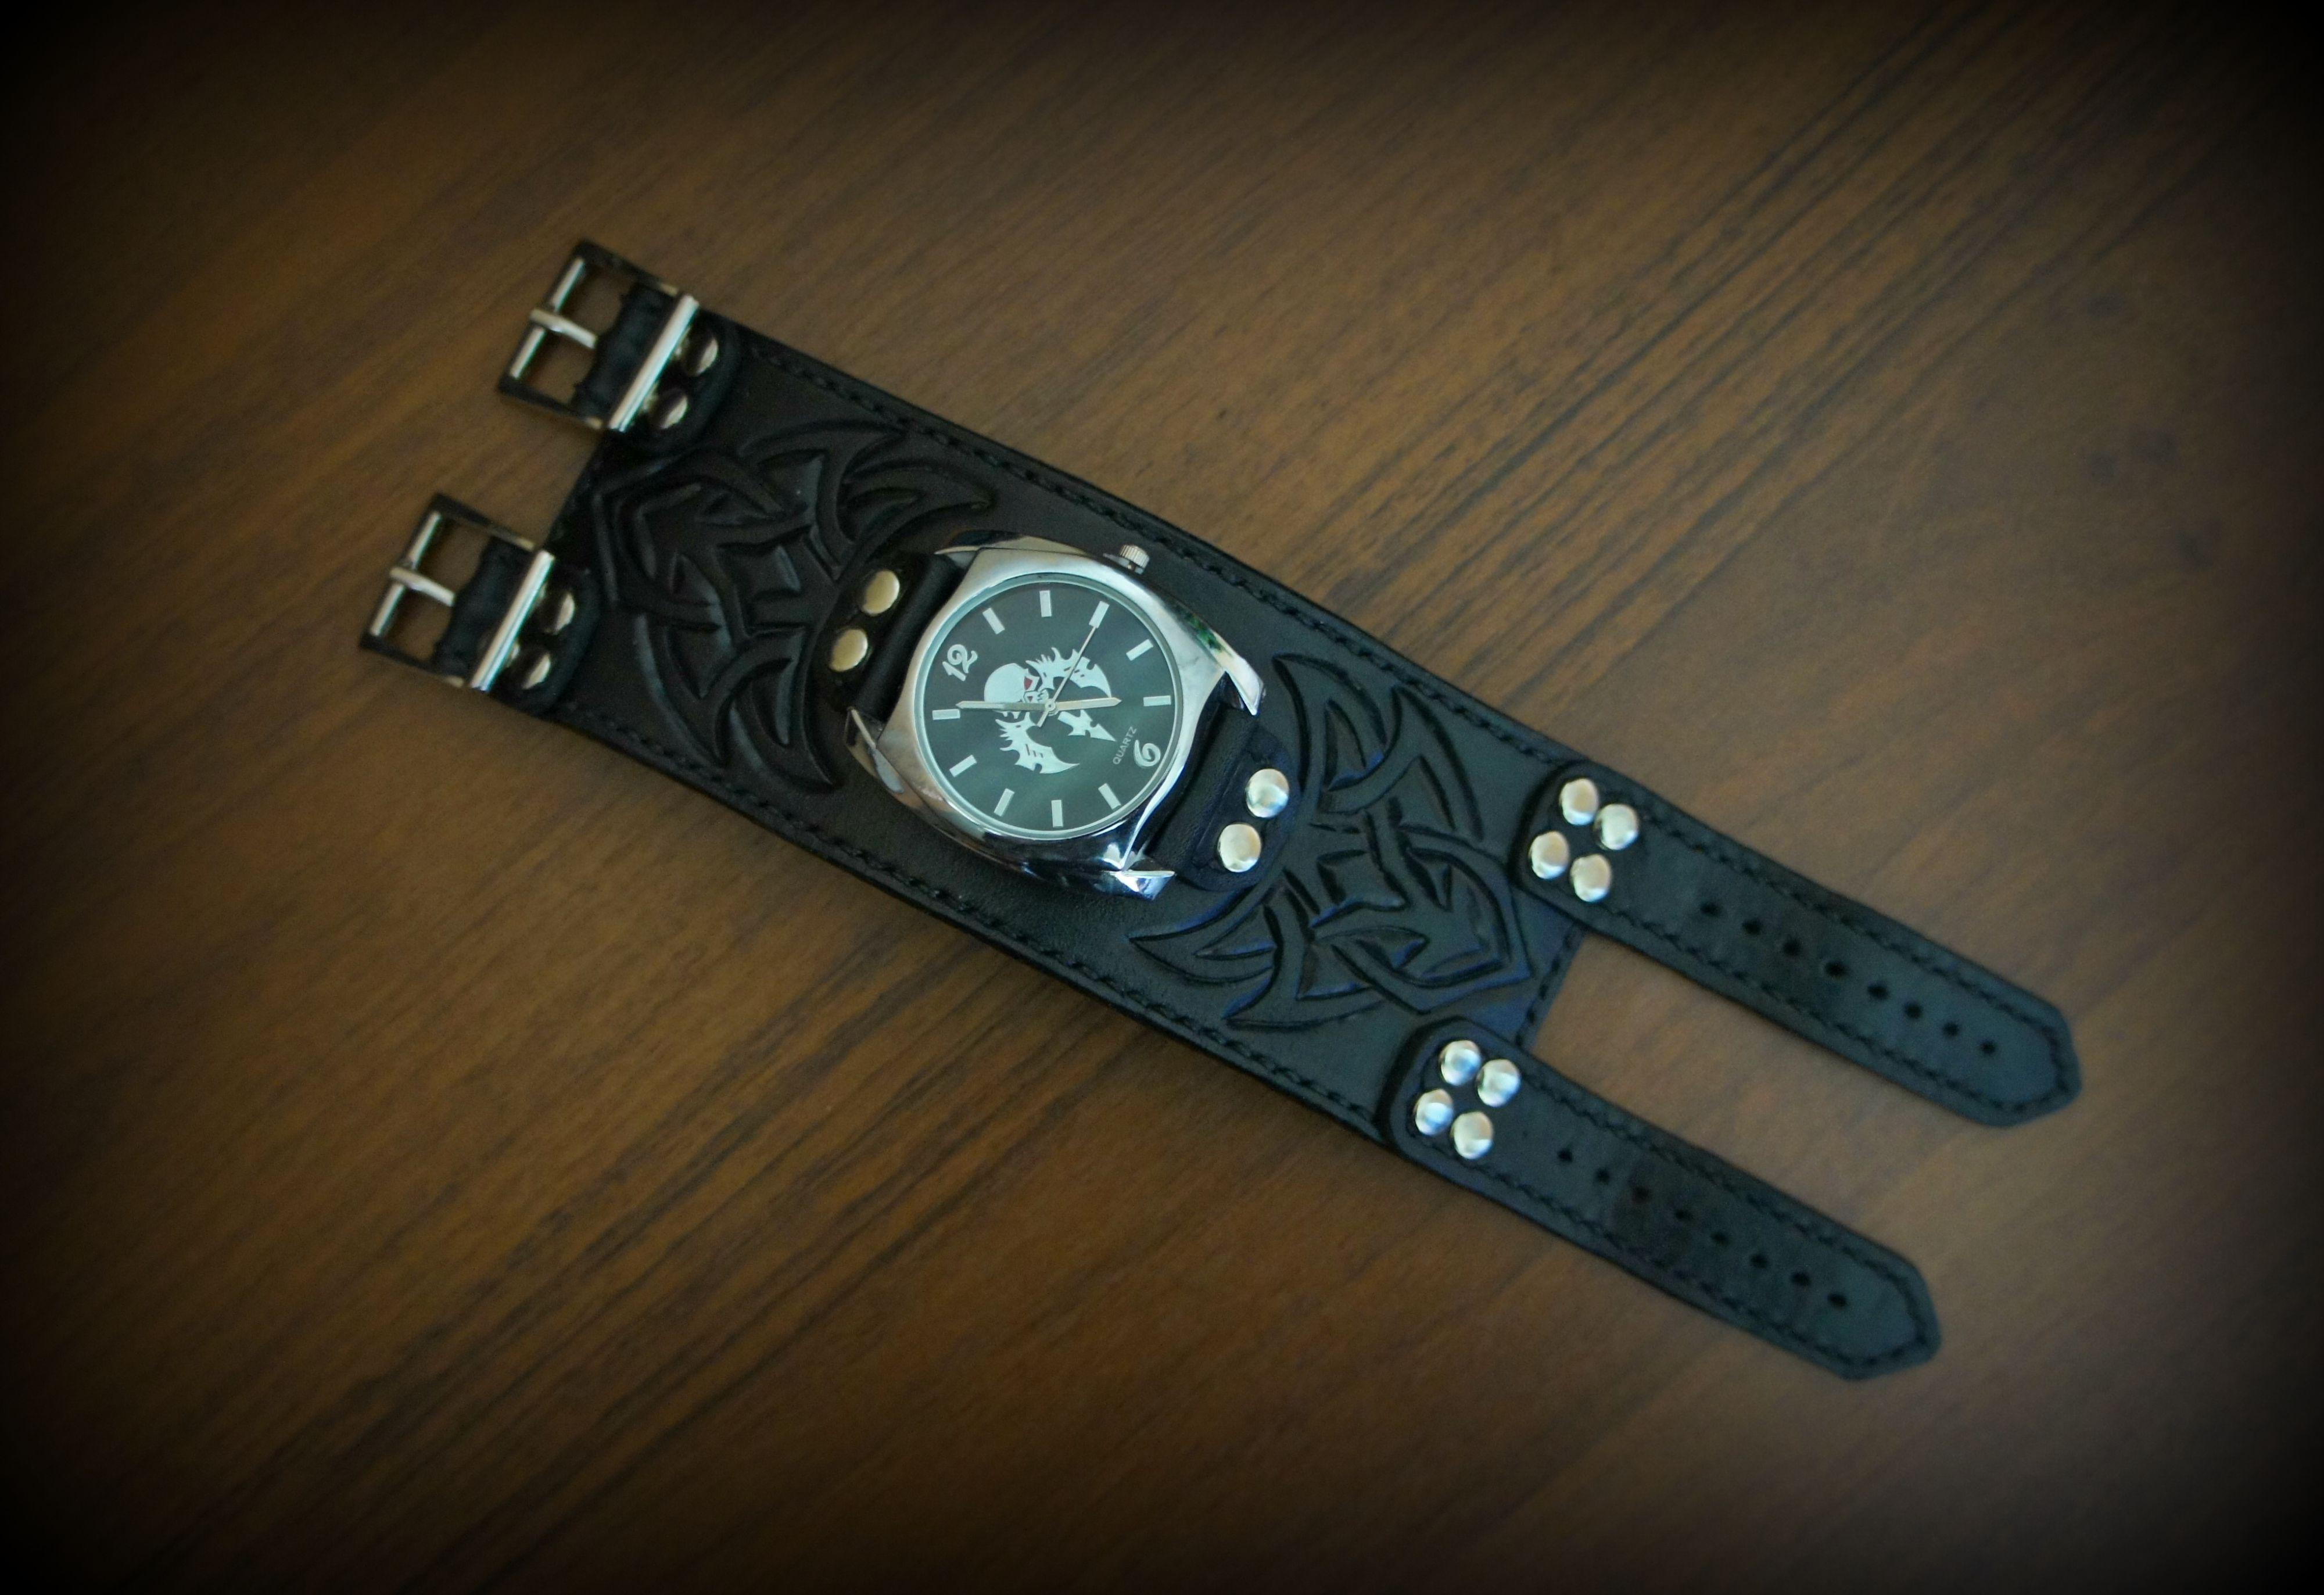 тиснениенакоже ручнаяработа подарок часынаручныекупить часы браслетизнатуральнойкожи часымосквакупить купитьвмоскве часынаручныемужские широкийбраслетизкожи подарокмужчине натуральнаякожа